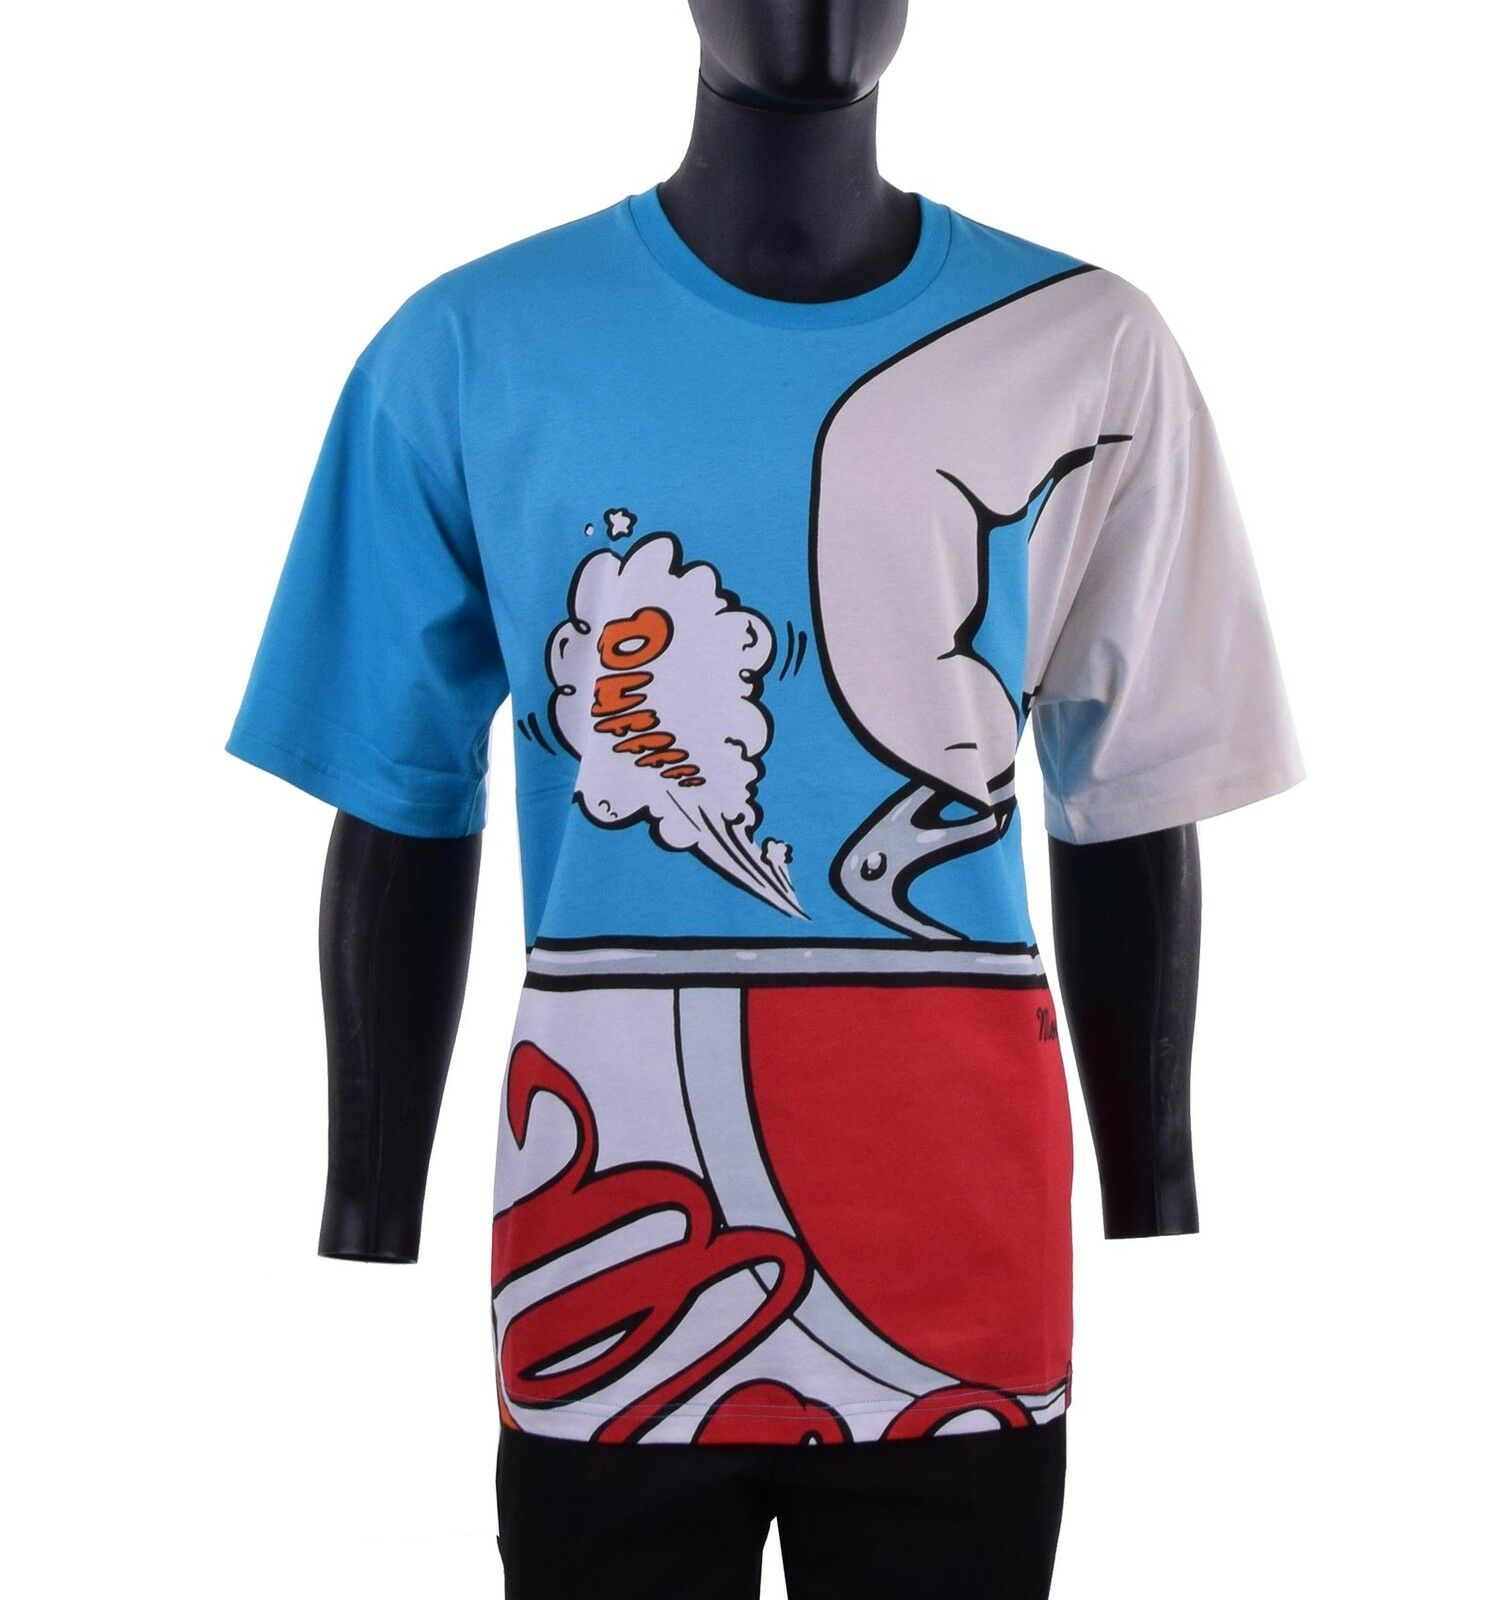 MOSCHINO COUTURE RUNWAY T-Shirt mit Print  Drink Moschino  Blau Rot 05428